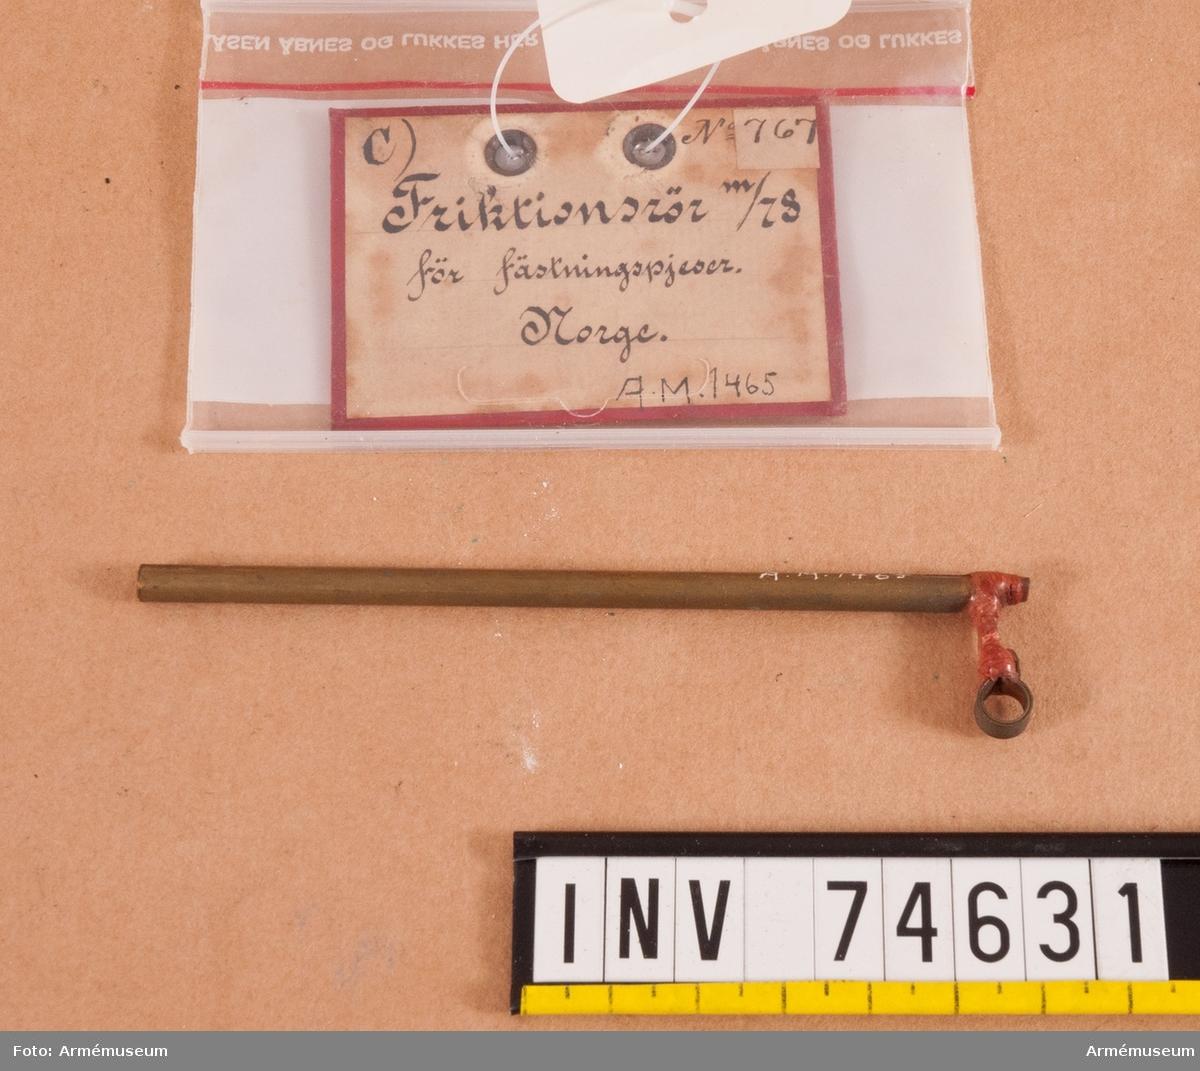 Grupp F. II. Friktionsrör m/1878 för fästningspjäser.